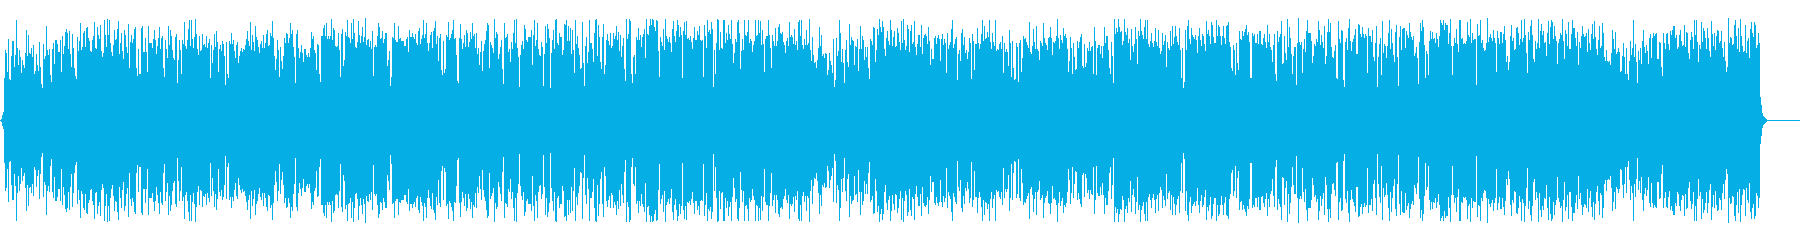 ファンタジックで楽しいメロディーのBGMの再生済みの波形